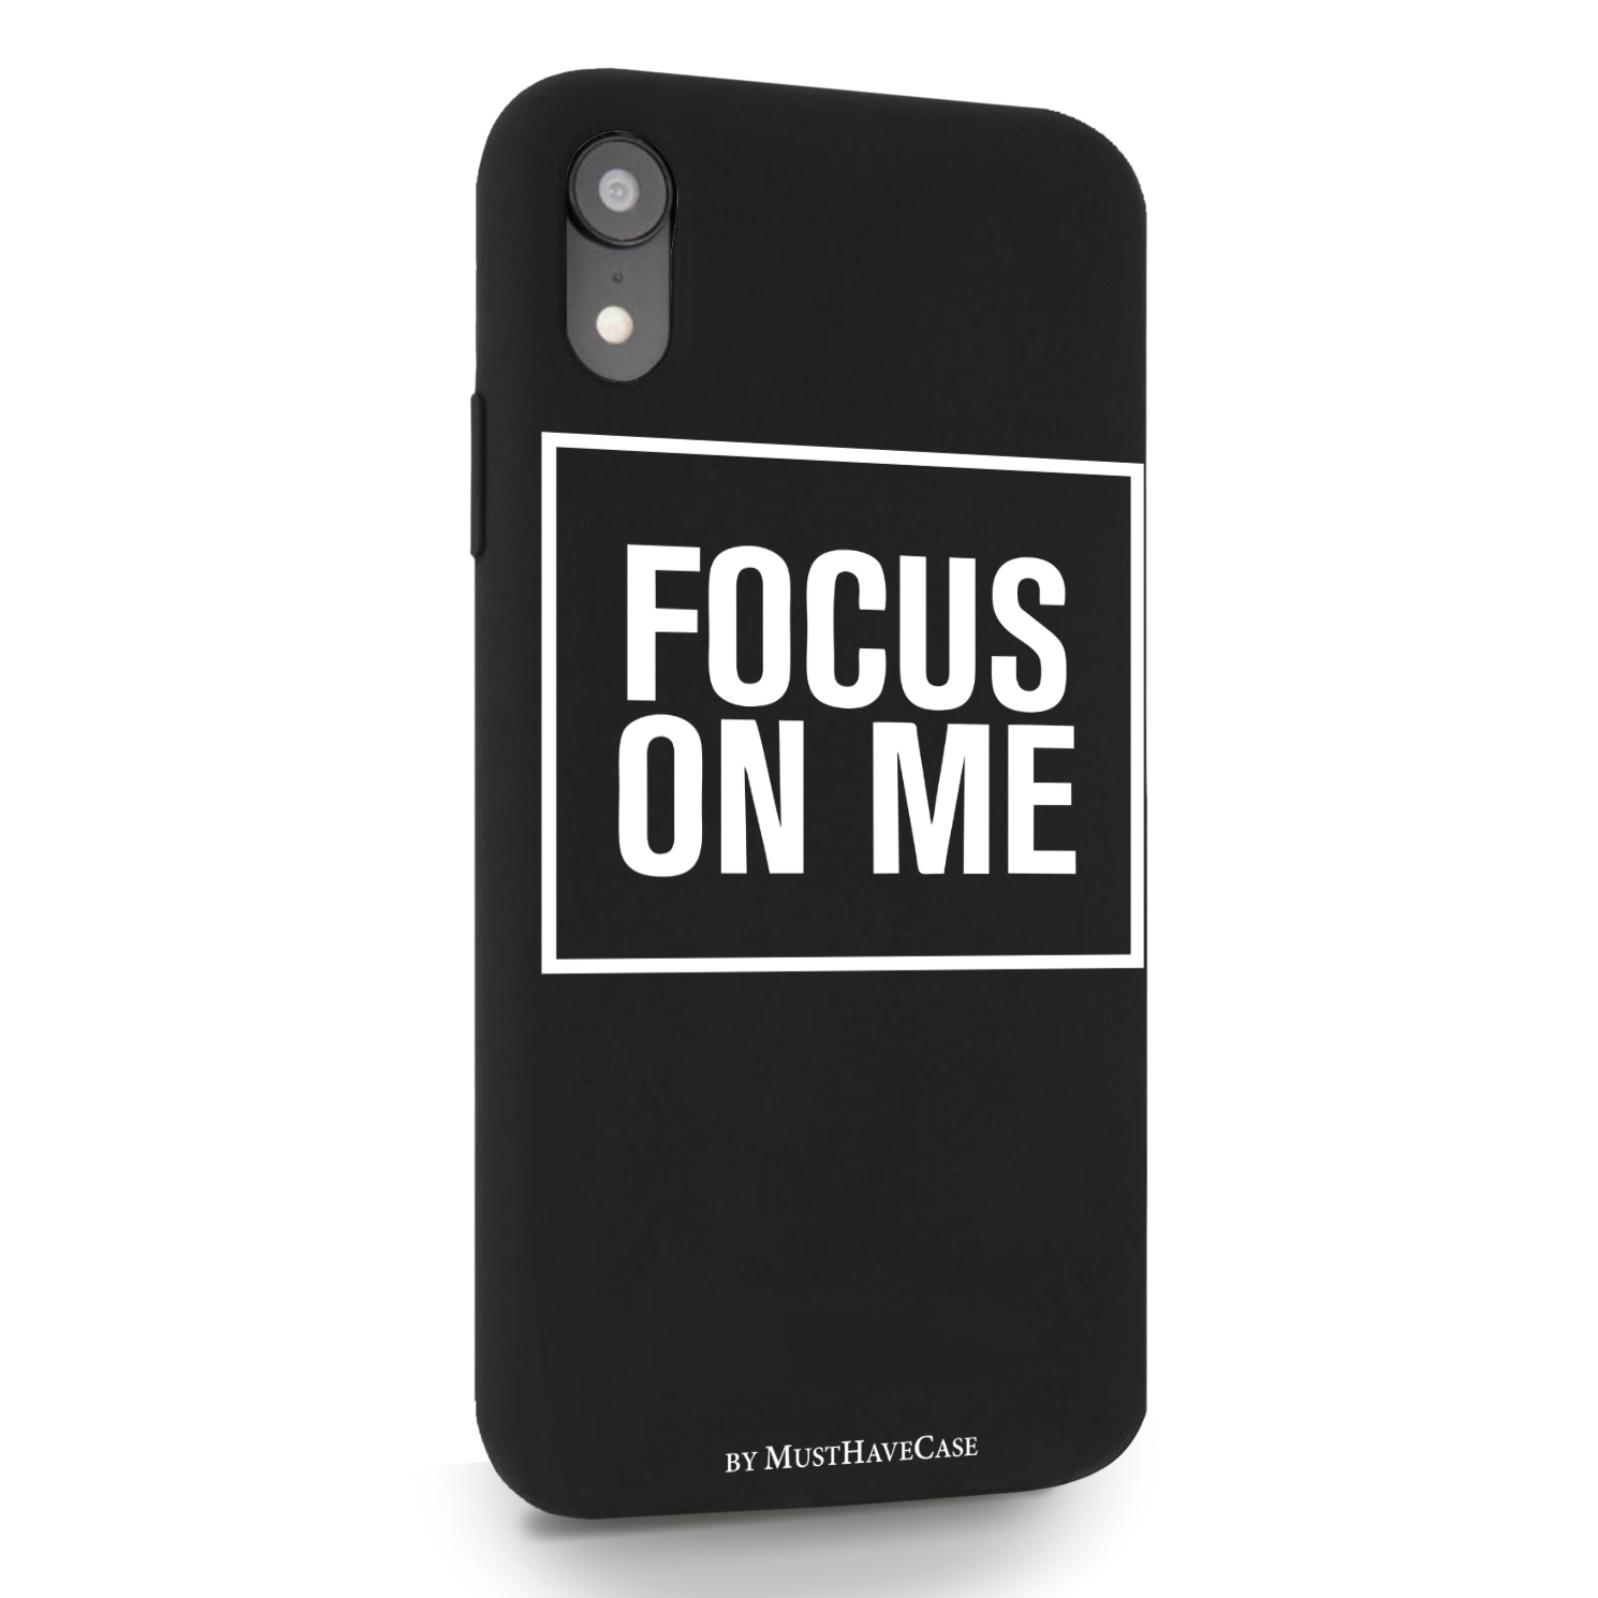 Черный силиконовый чехол для iPhone XR Focus on me для Айфон 10R